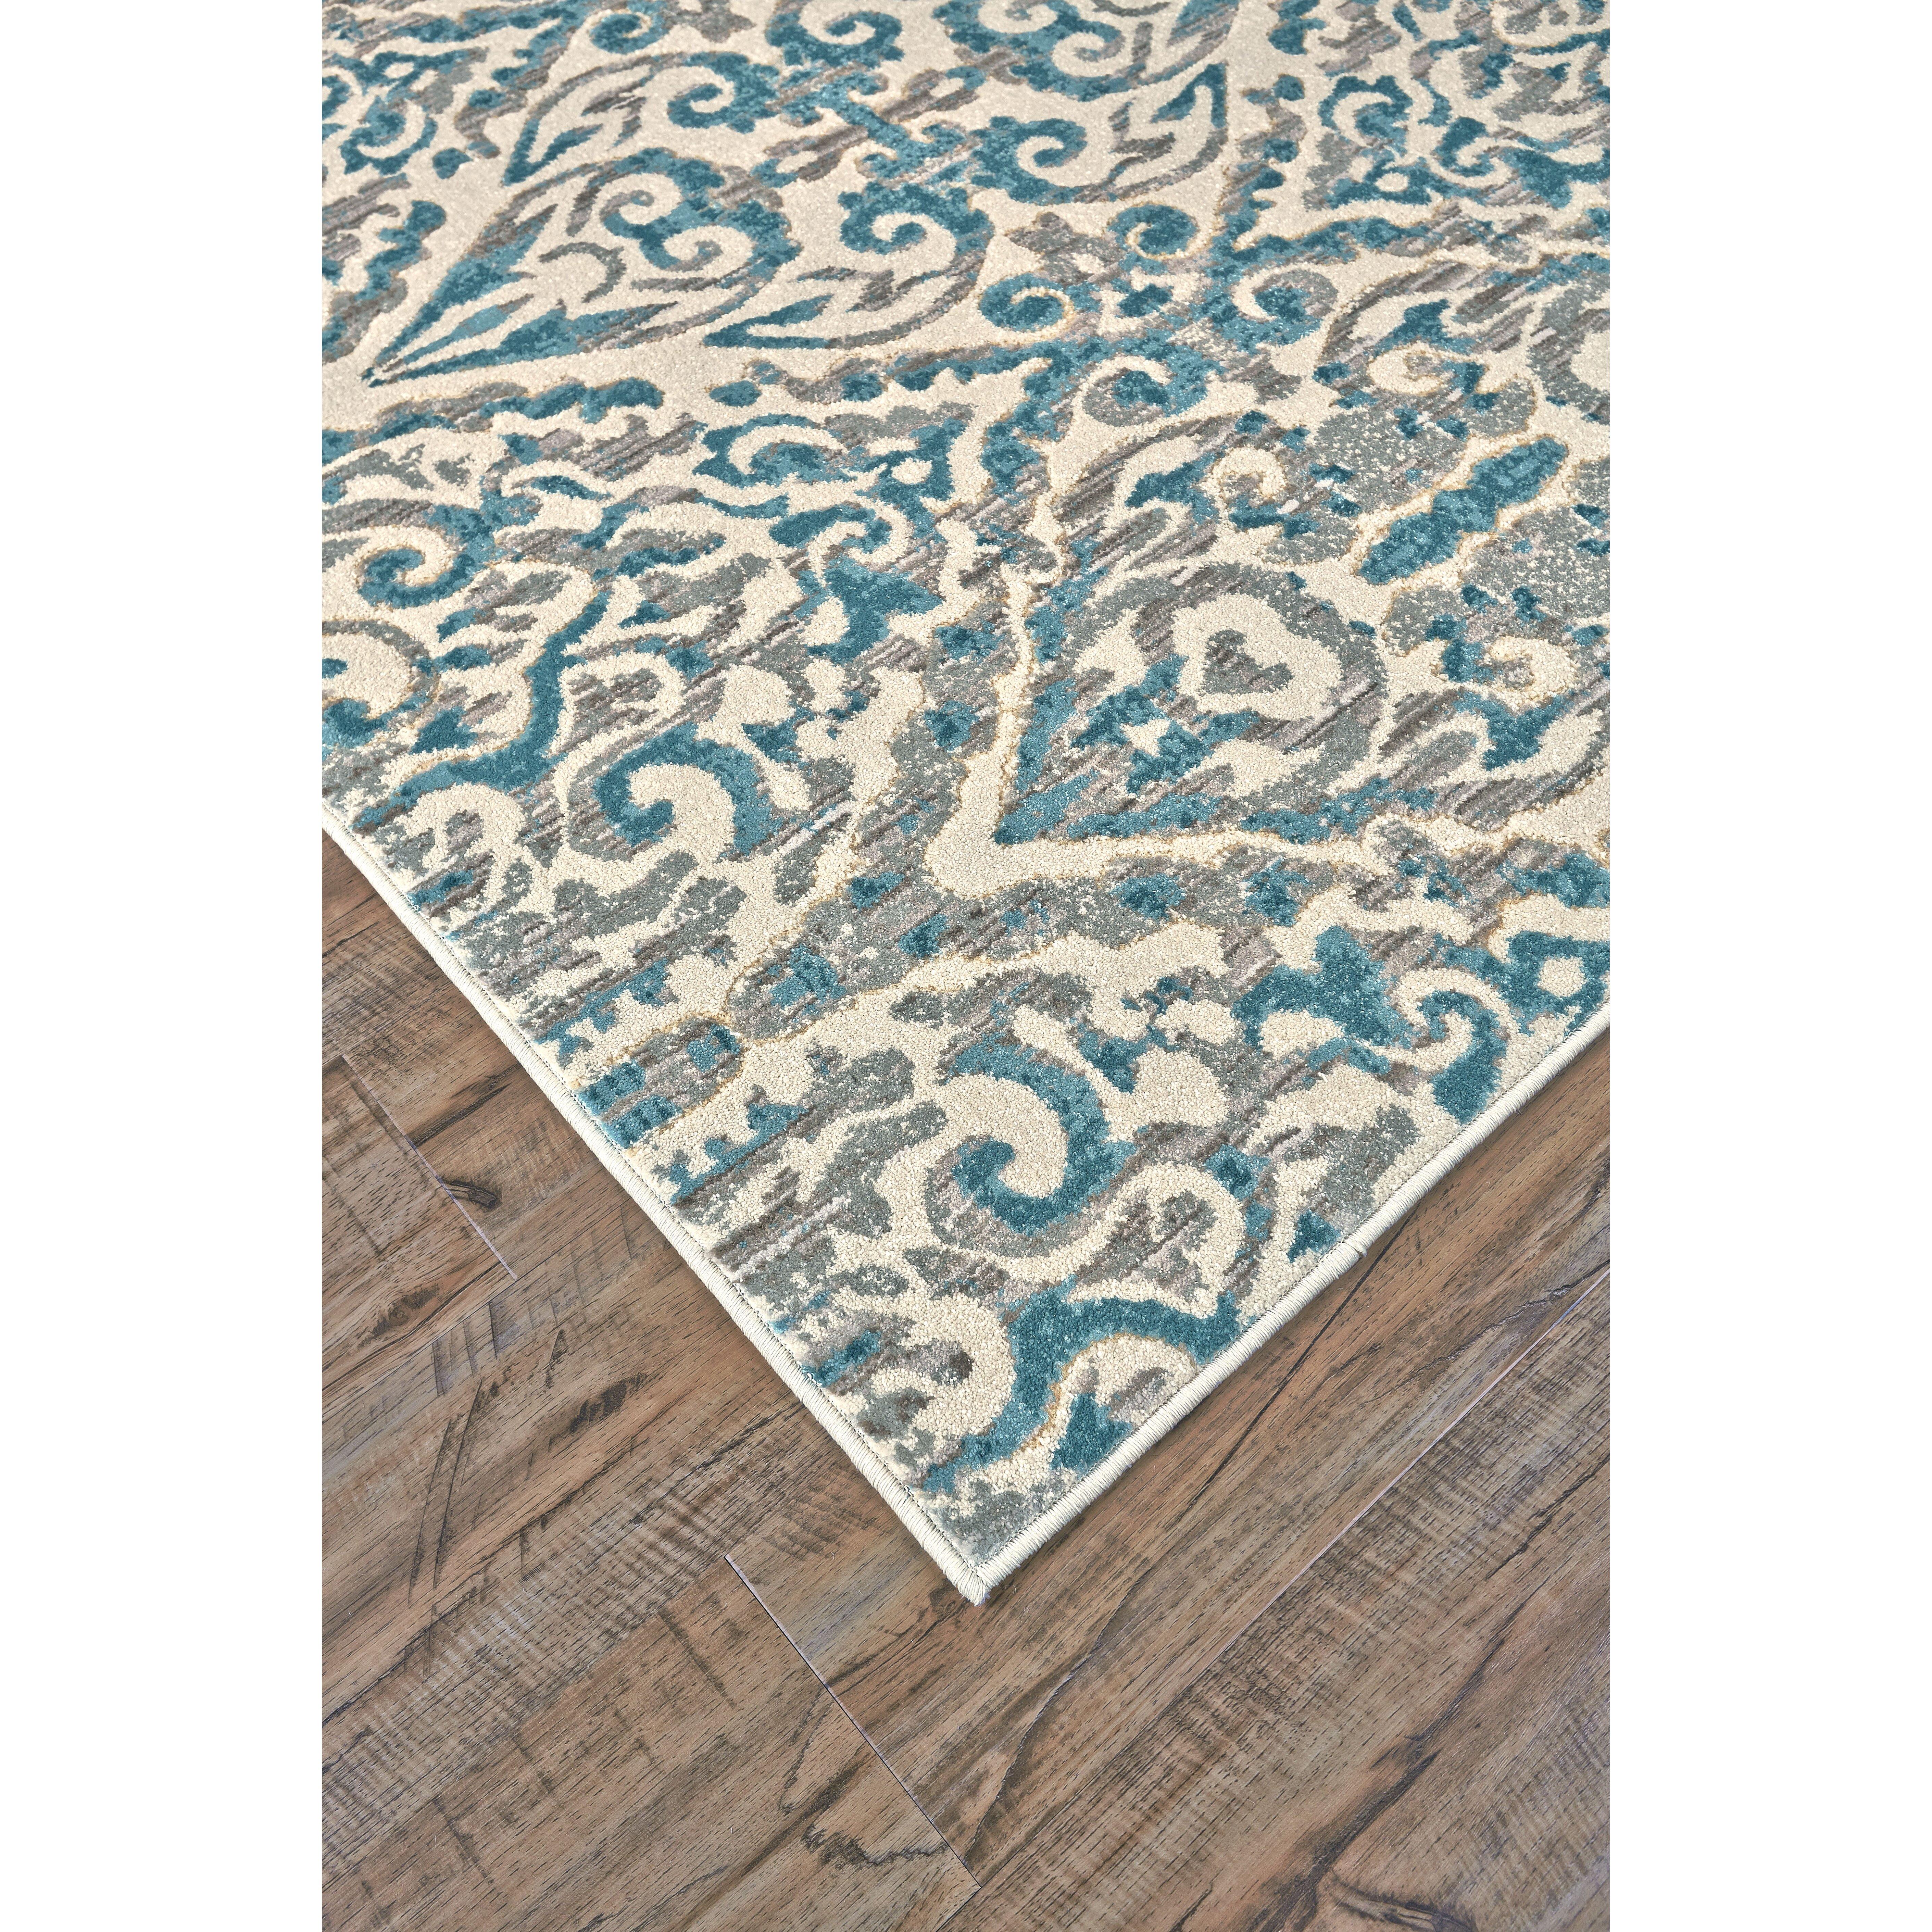 Saleya turquoise area rug wayfair for Turquoise area rug